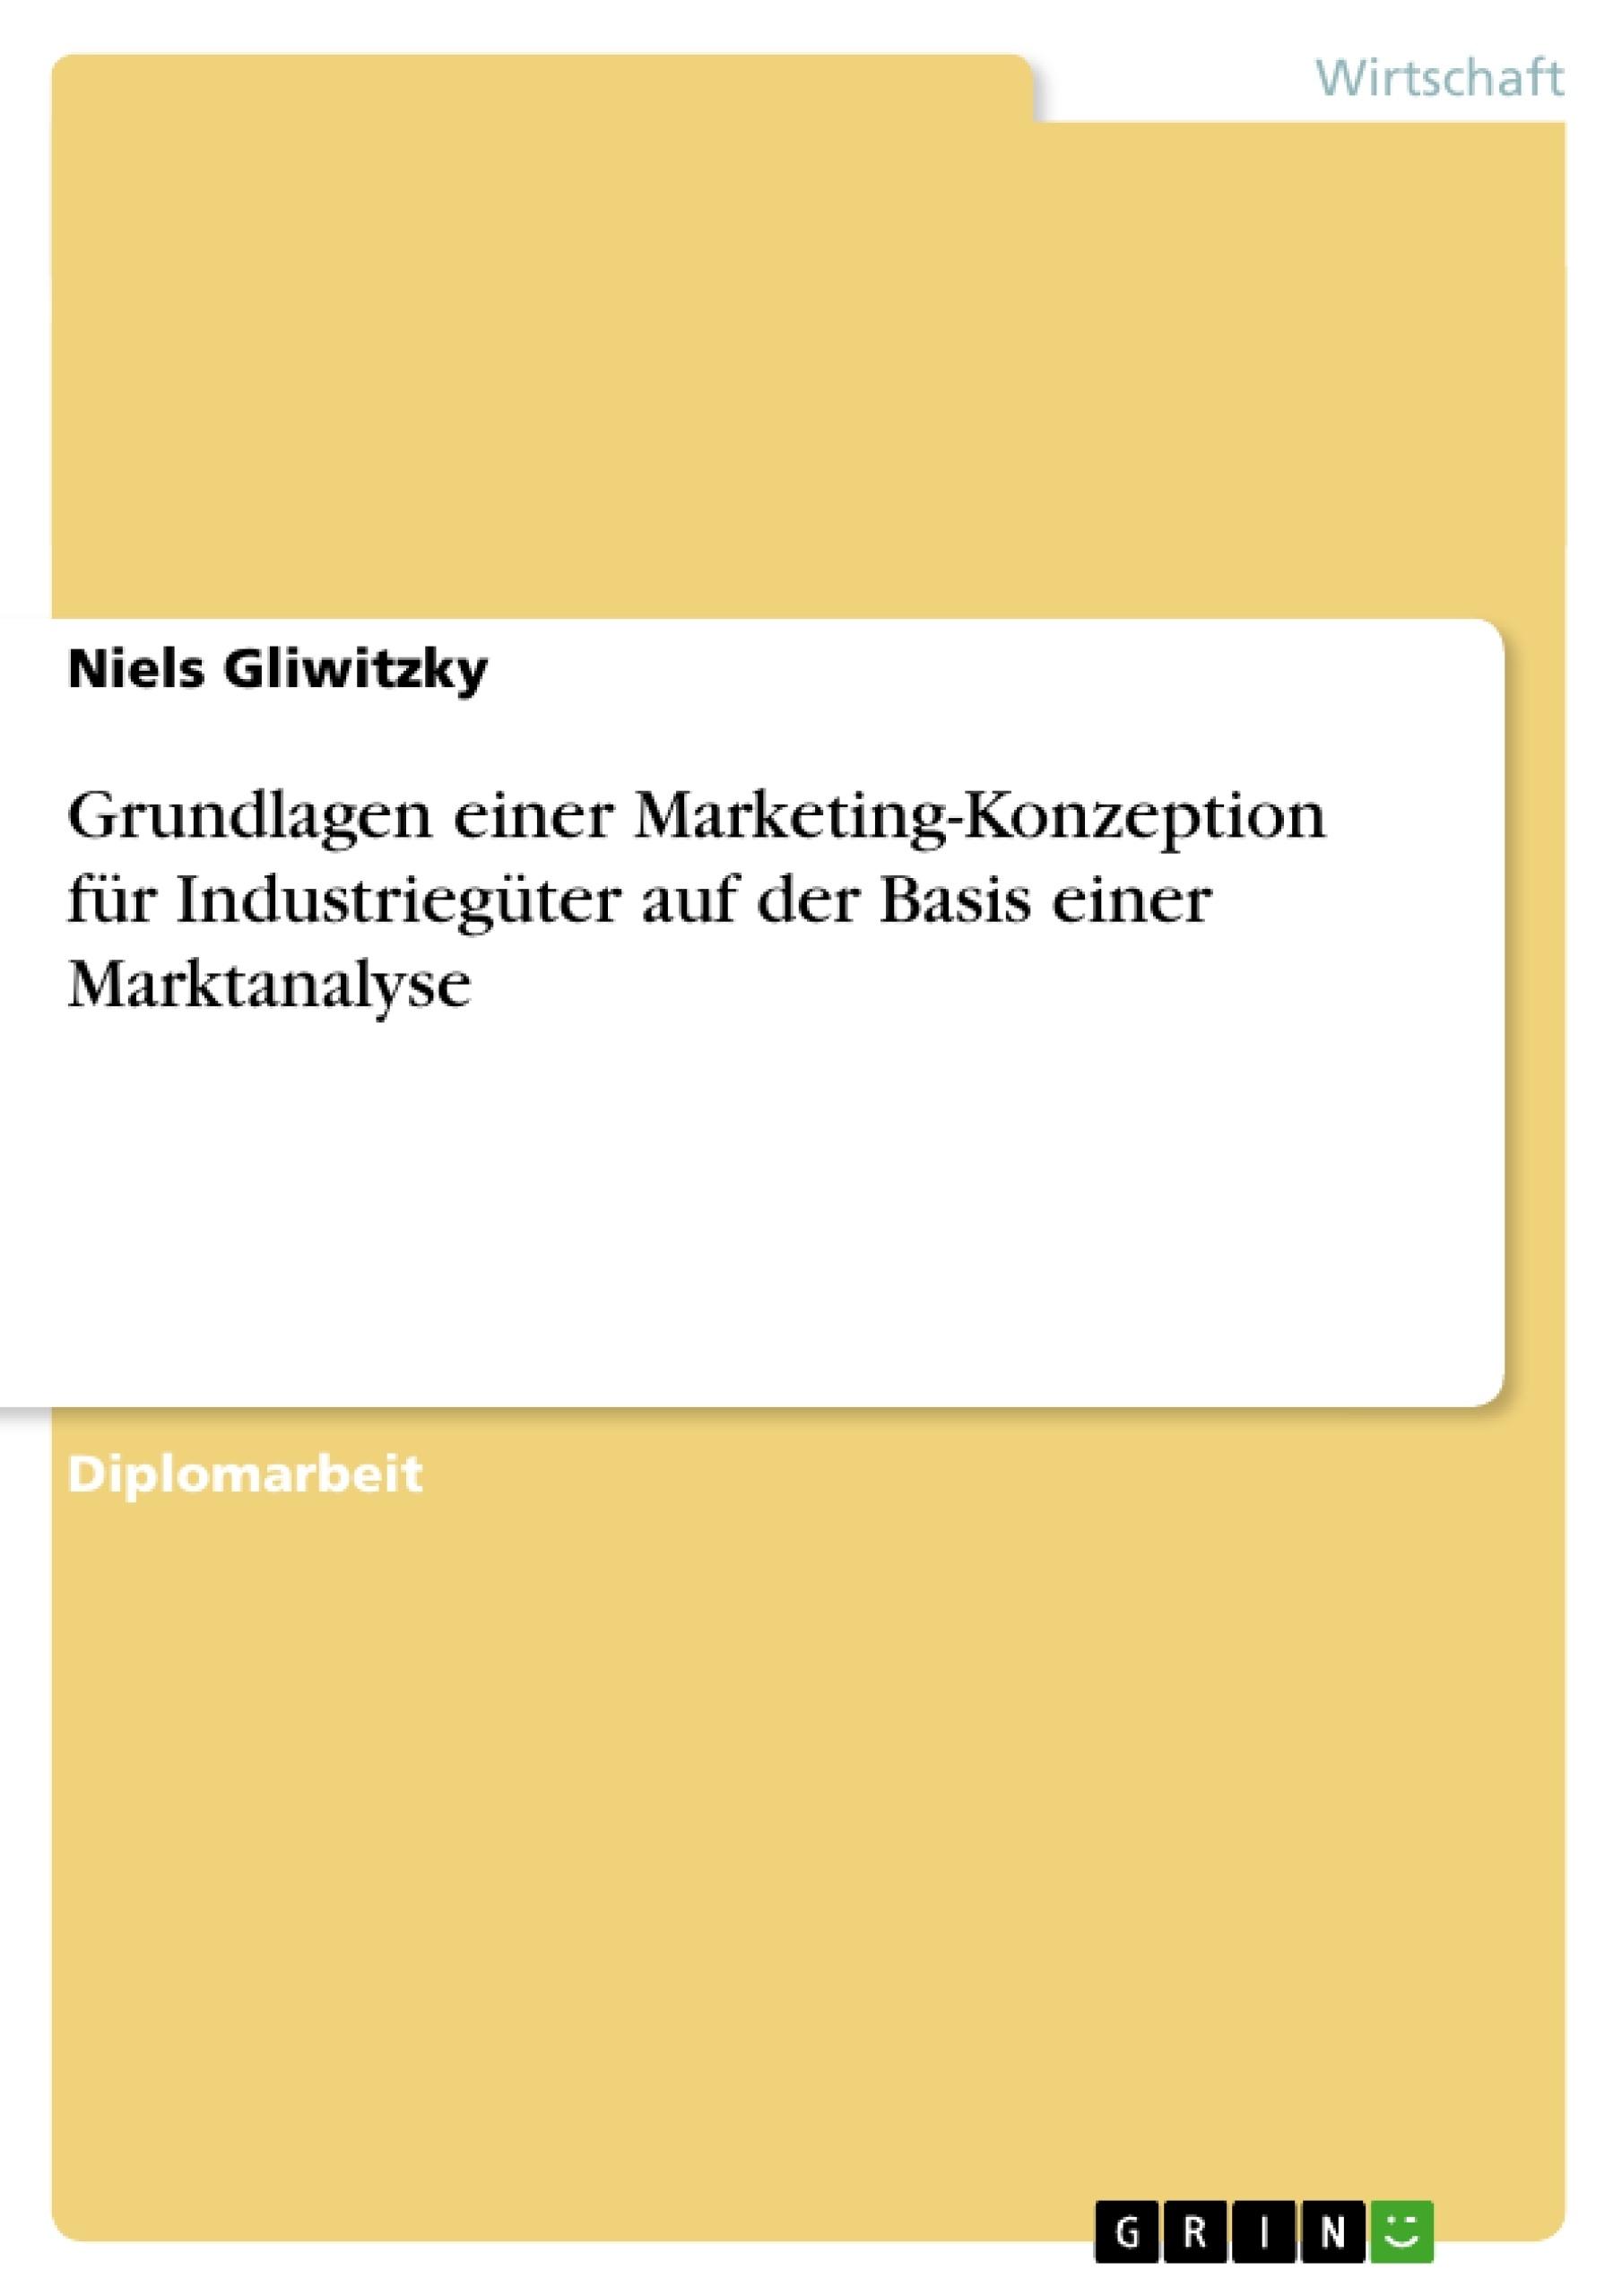 Titel: Grundlagen einer Marketing-Konzeption für Industriegüter auf der Basis einer Marktanalyse